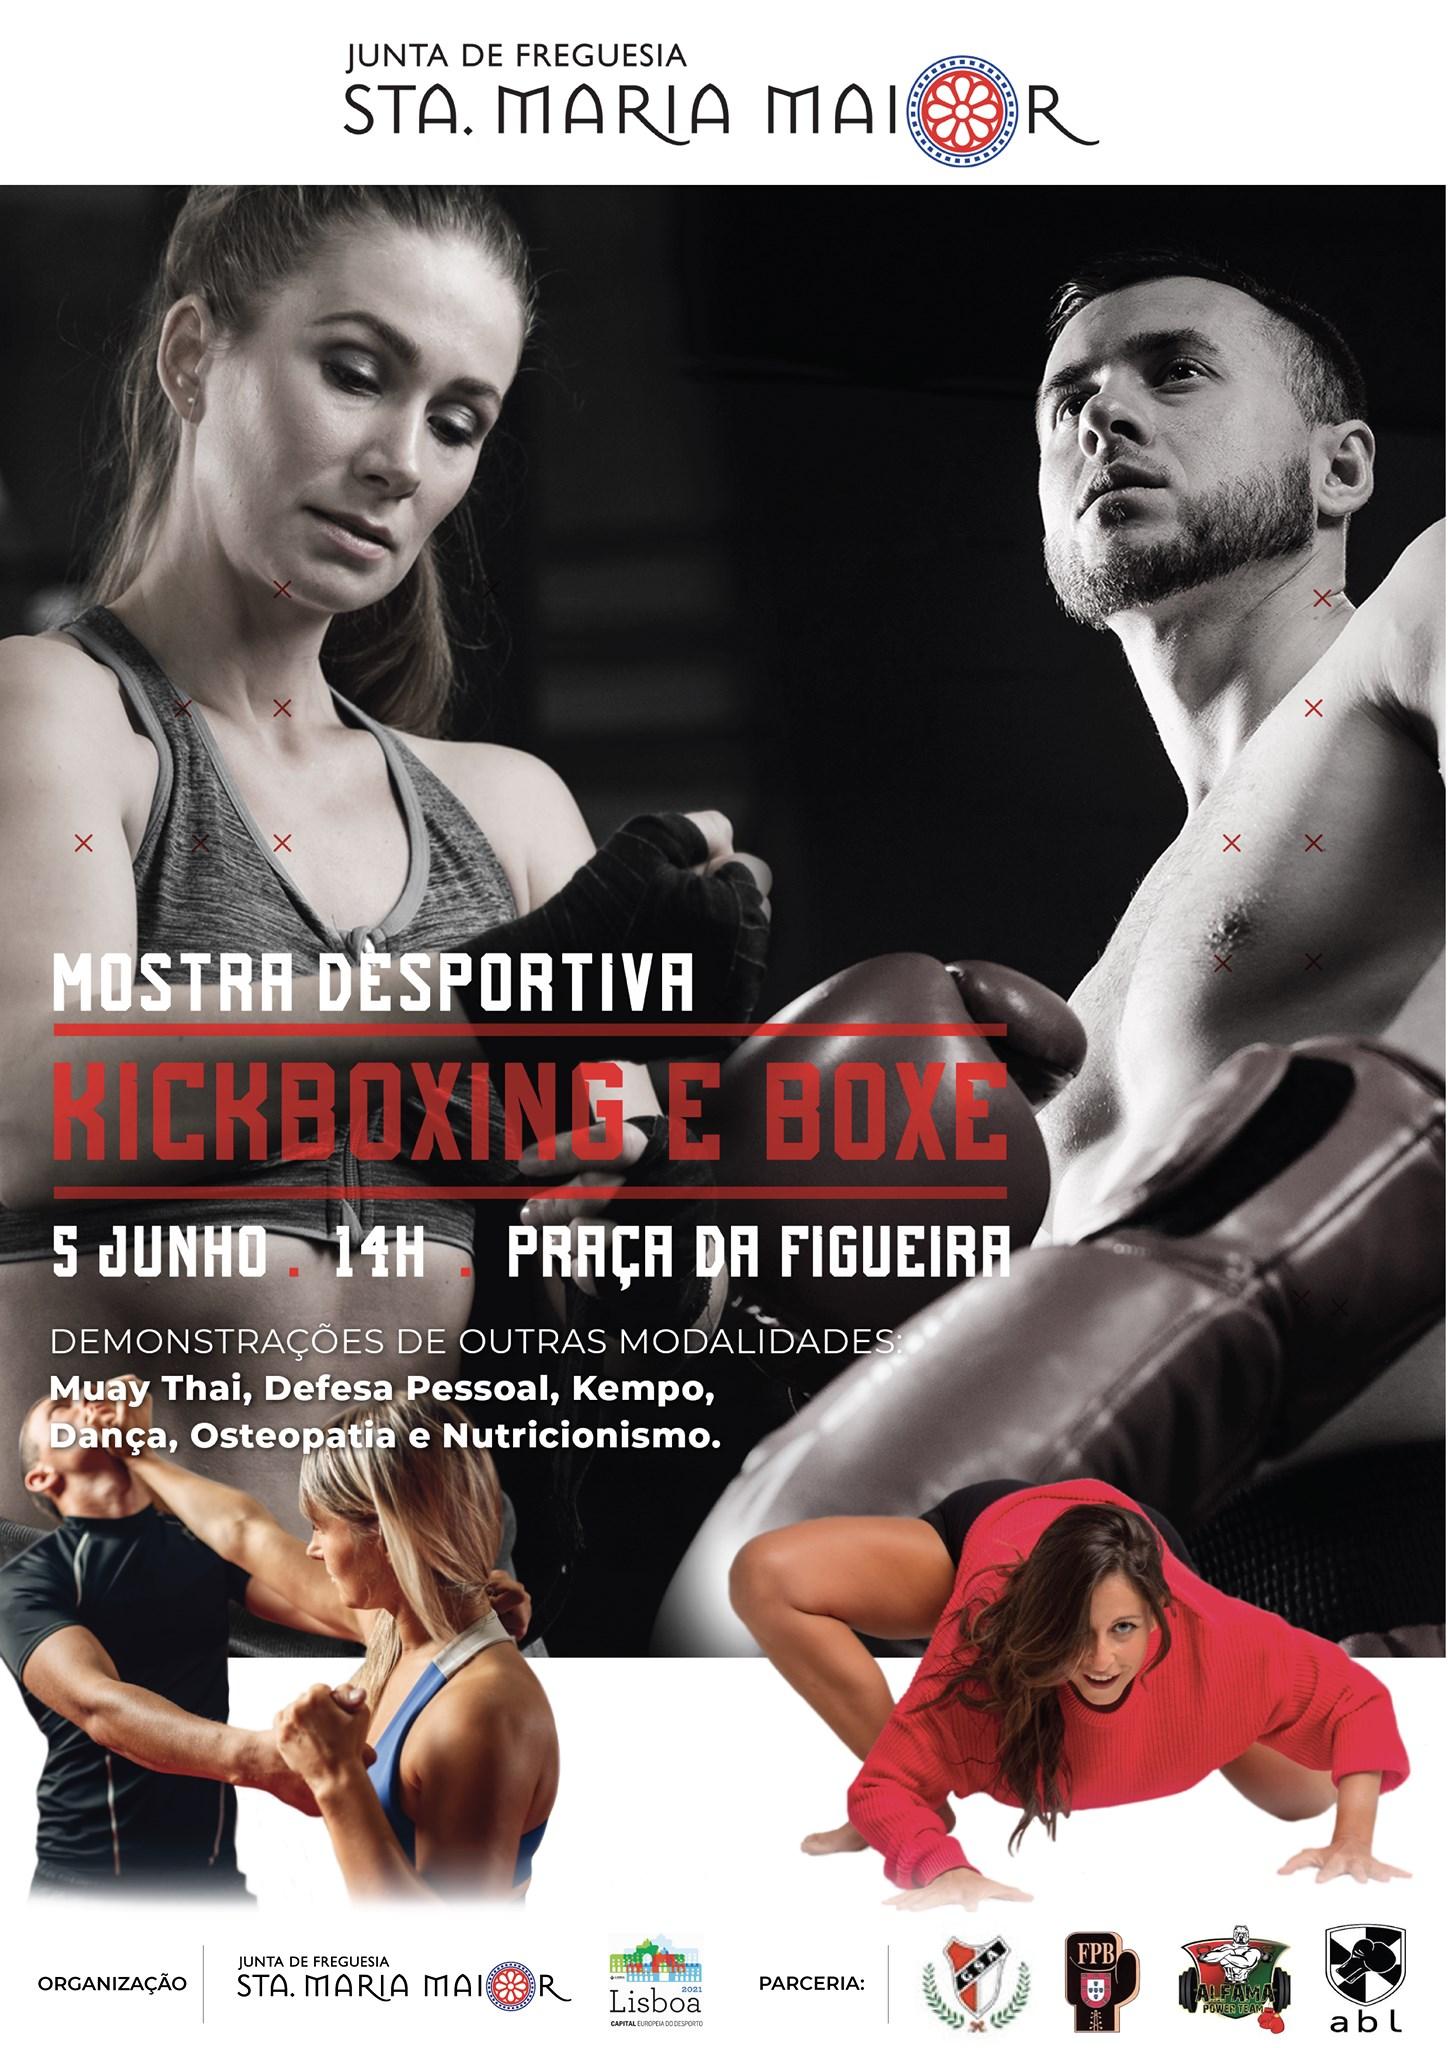 Mostra Desportiva | Kickboxing e Boxe